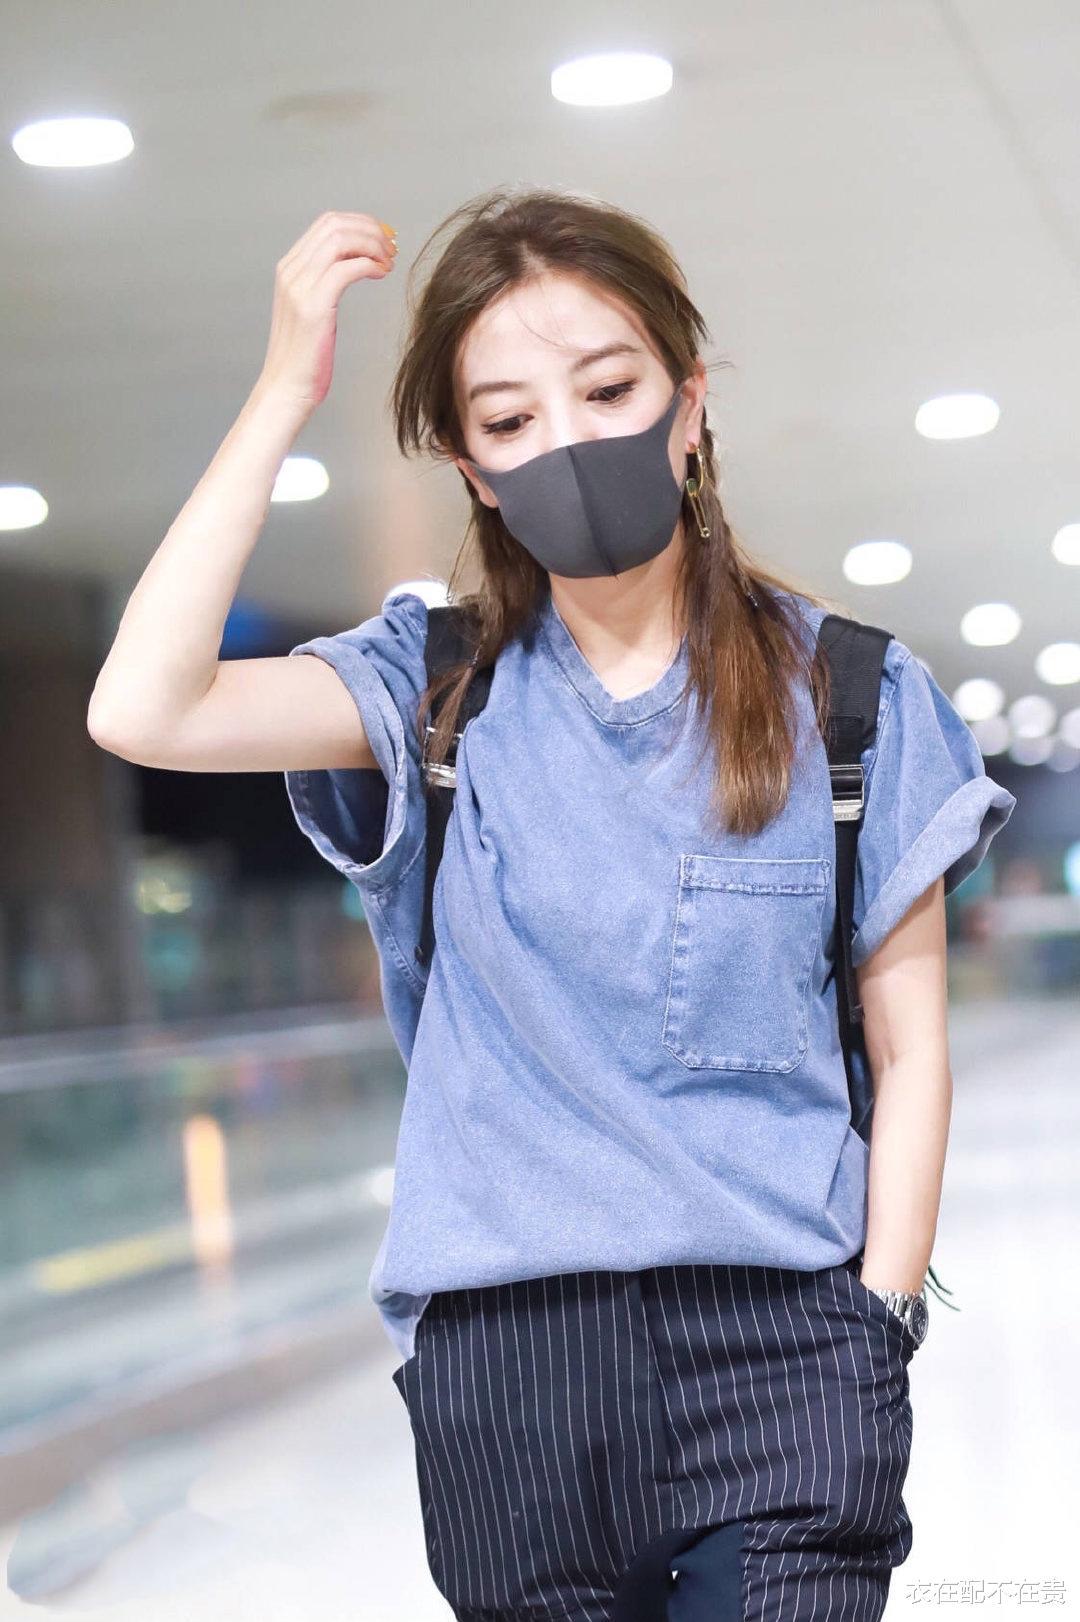 赵薇变瘦后穿衣像开挂,牛仔配条纹裤看似简朴,却被她穿出高级范_新浪娱乐新闻